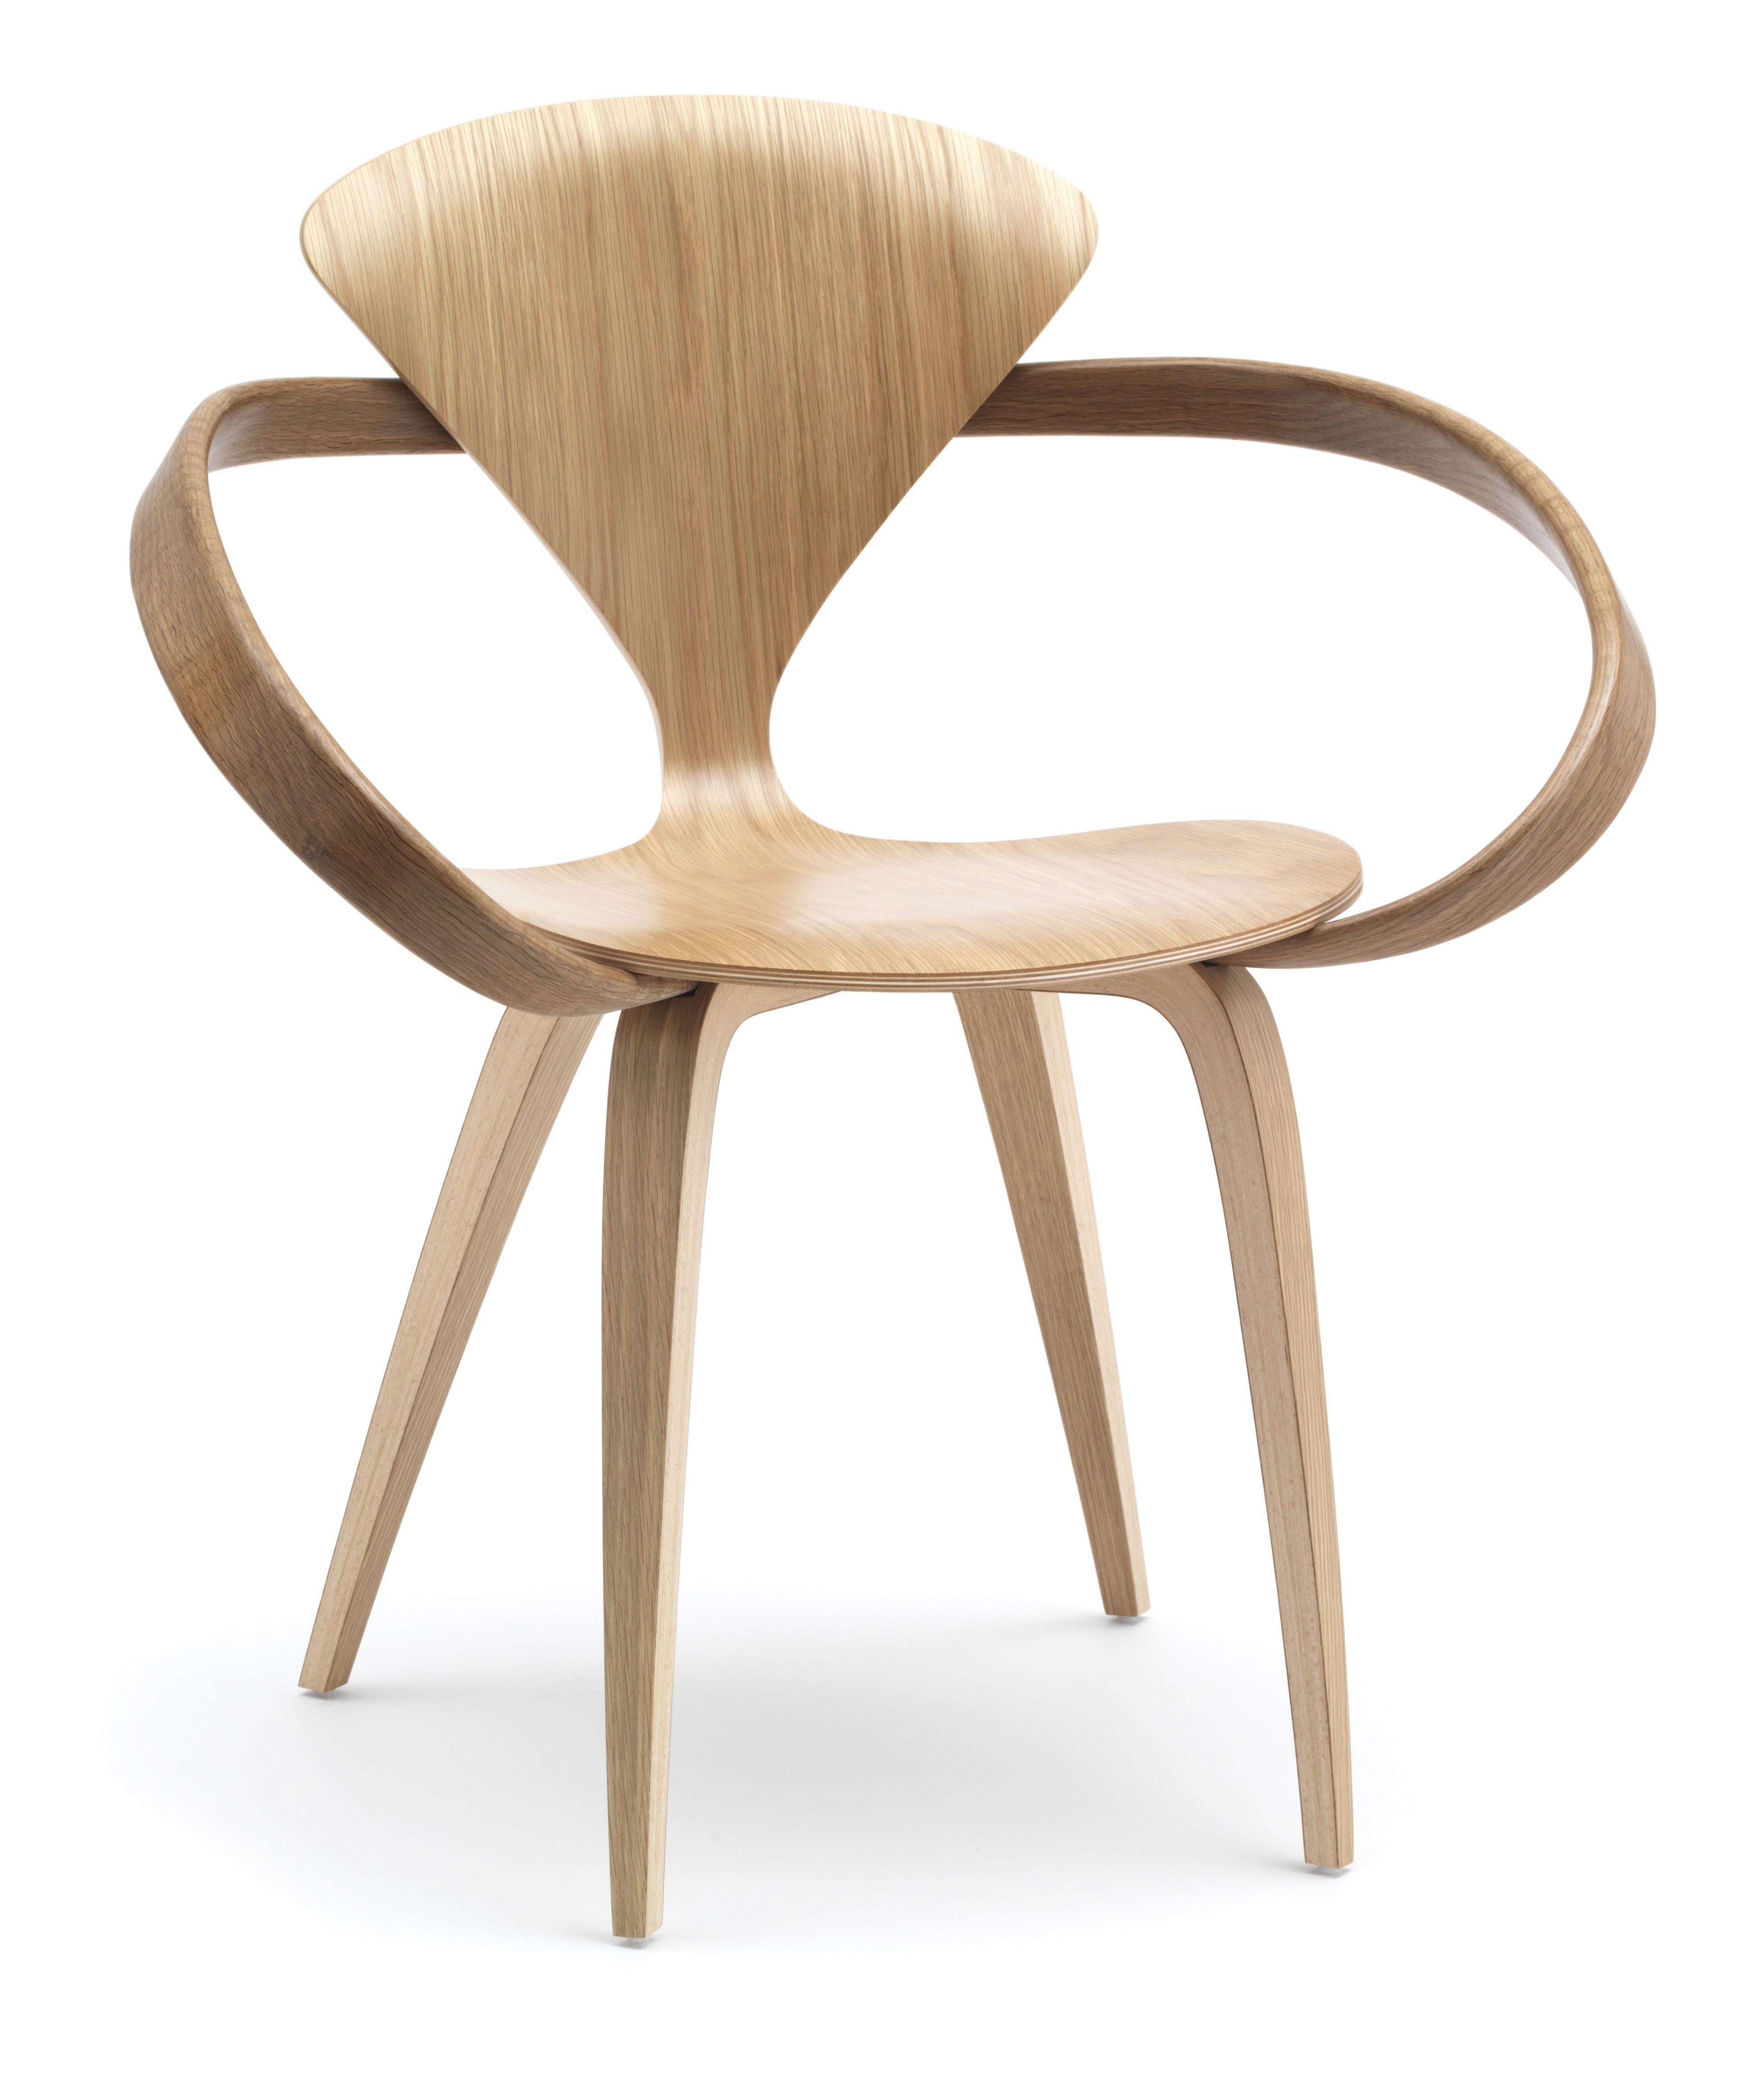 pin by cherner chair on new rift cut white oak veneer pinterest